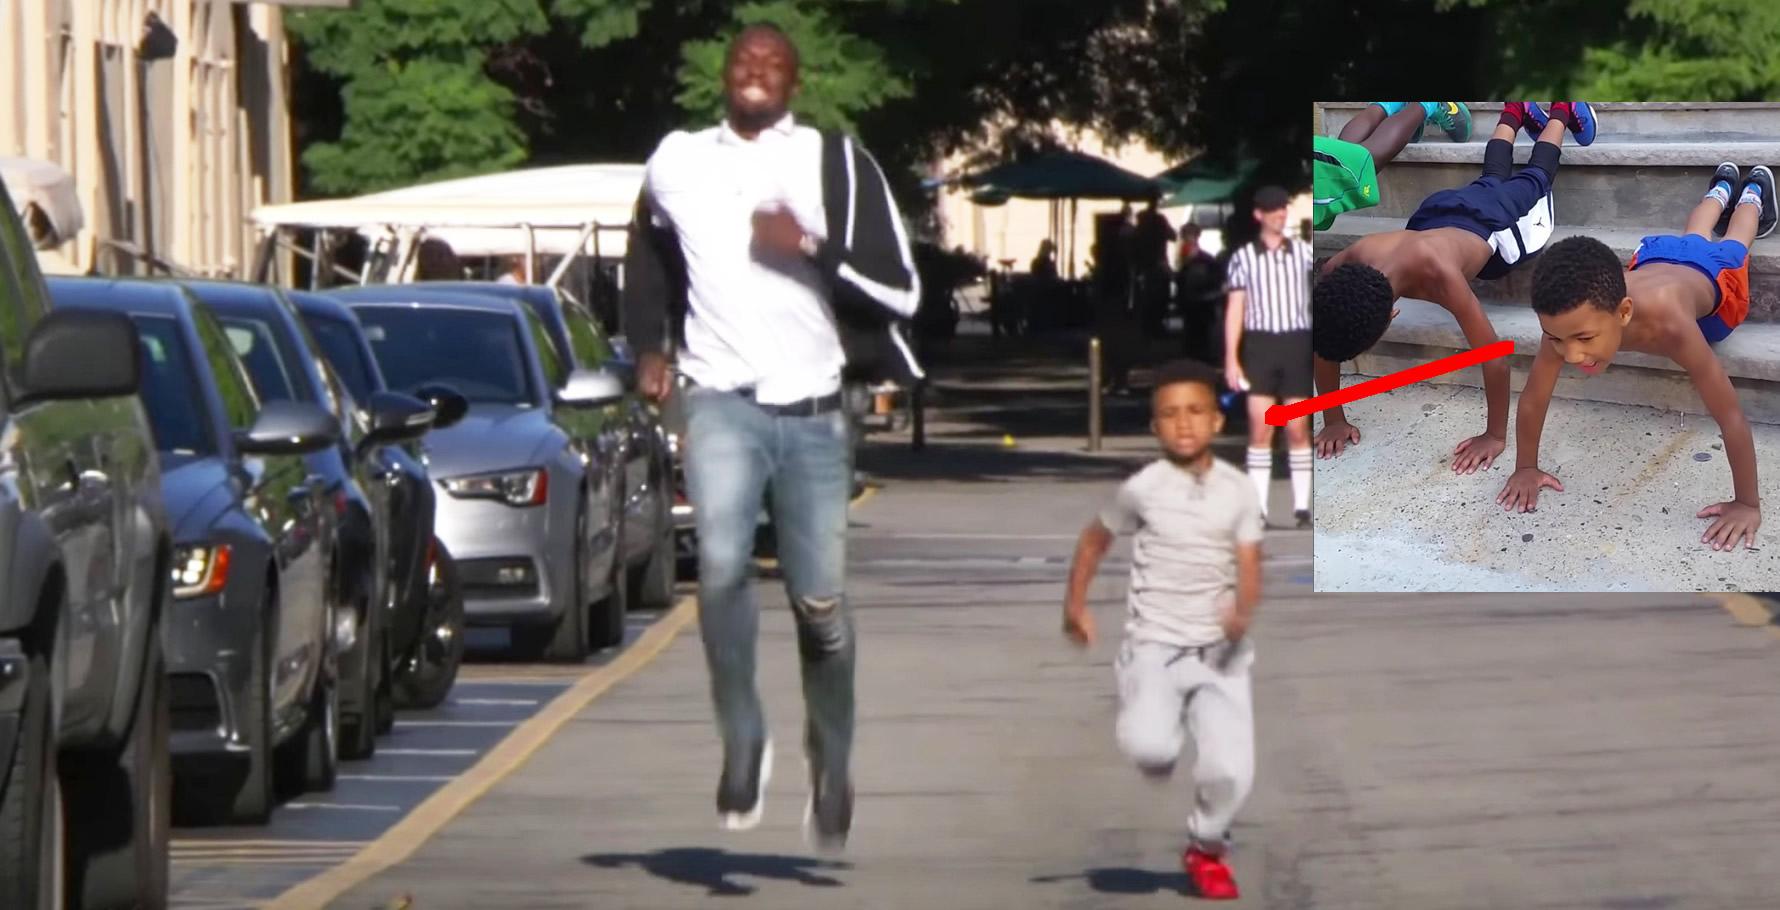 ボルト選手があの腕立て少年とレース!その「走り方」にボルトの優しさを感じずにはいられない!!